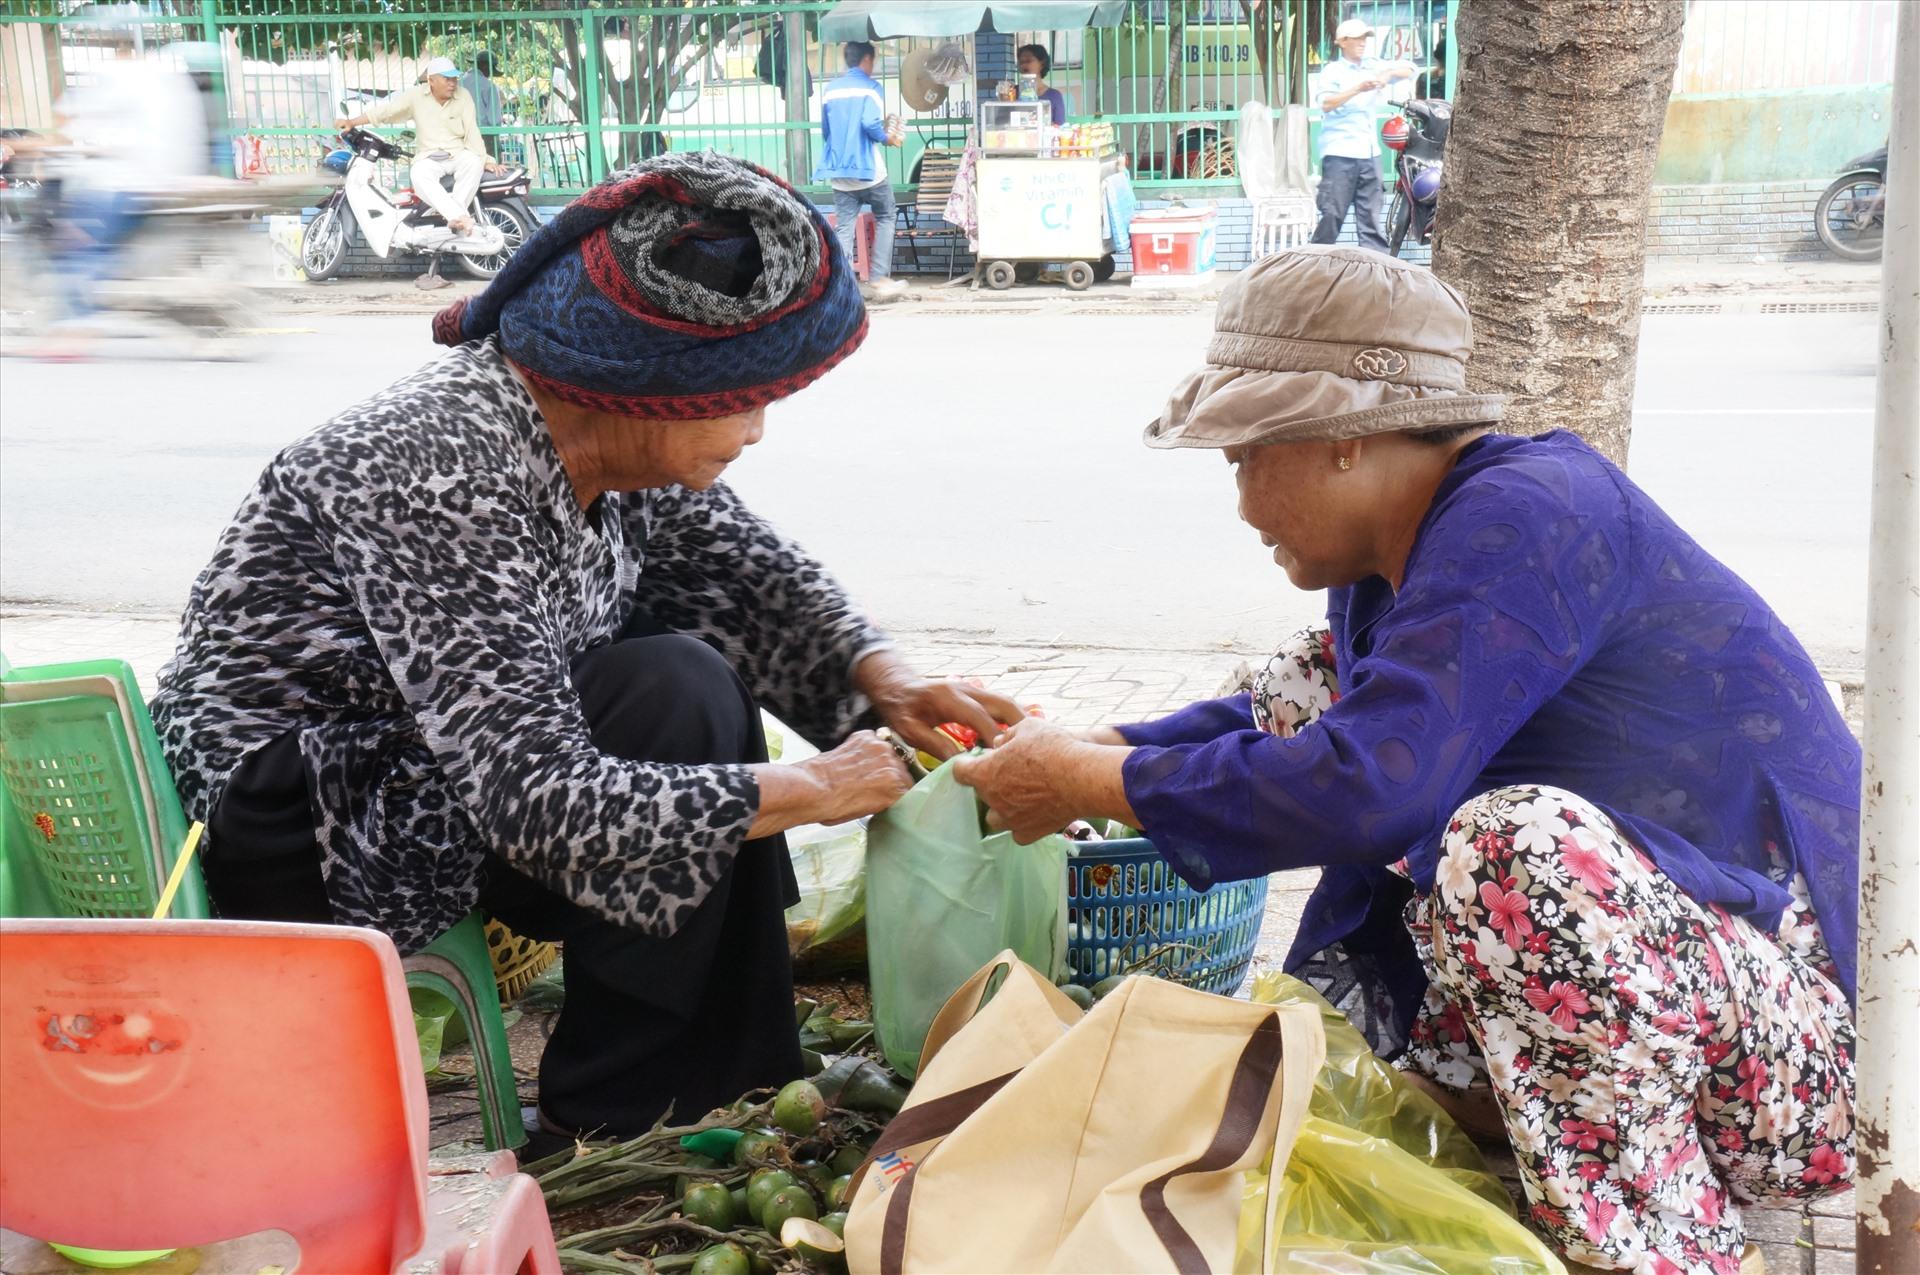 Buôn có bạn, bán có phường, những cụ bà bán trầu cau ở đây luôn quan tâm giúp đỡ lẫn nhau trong công việc.